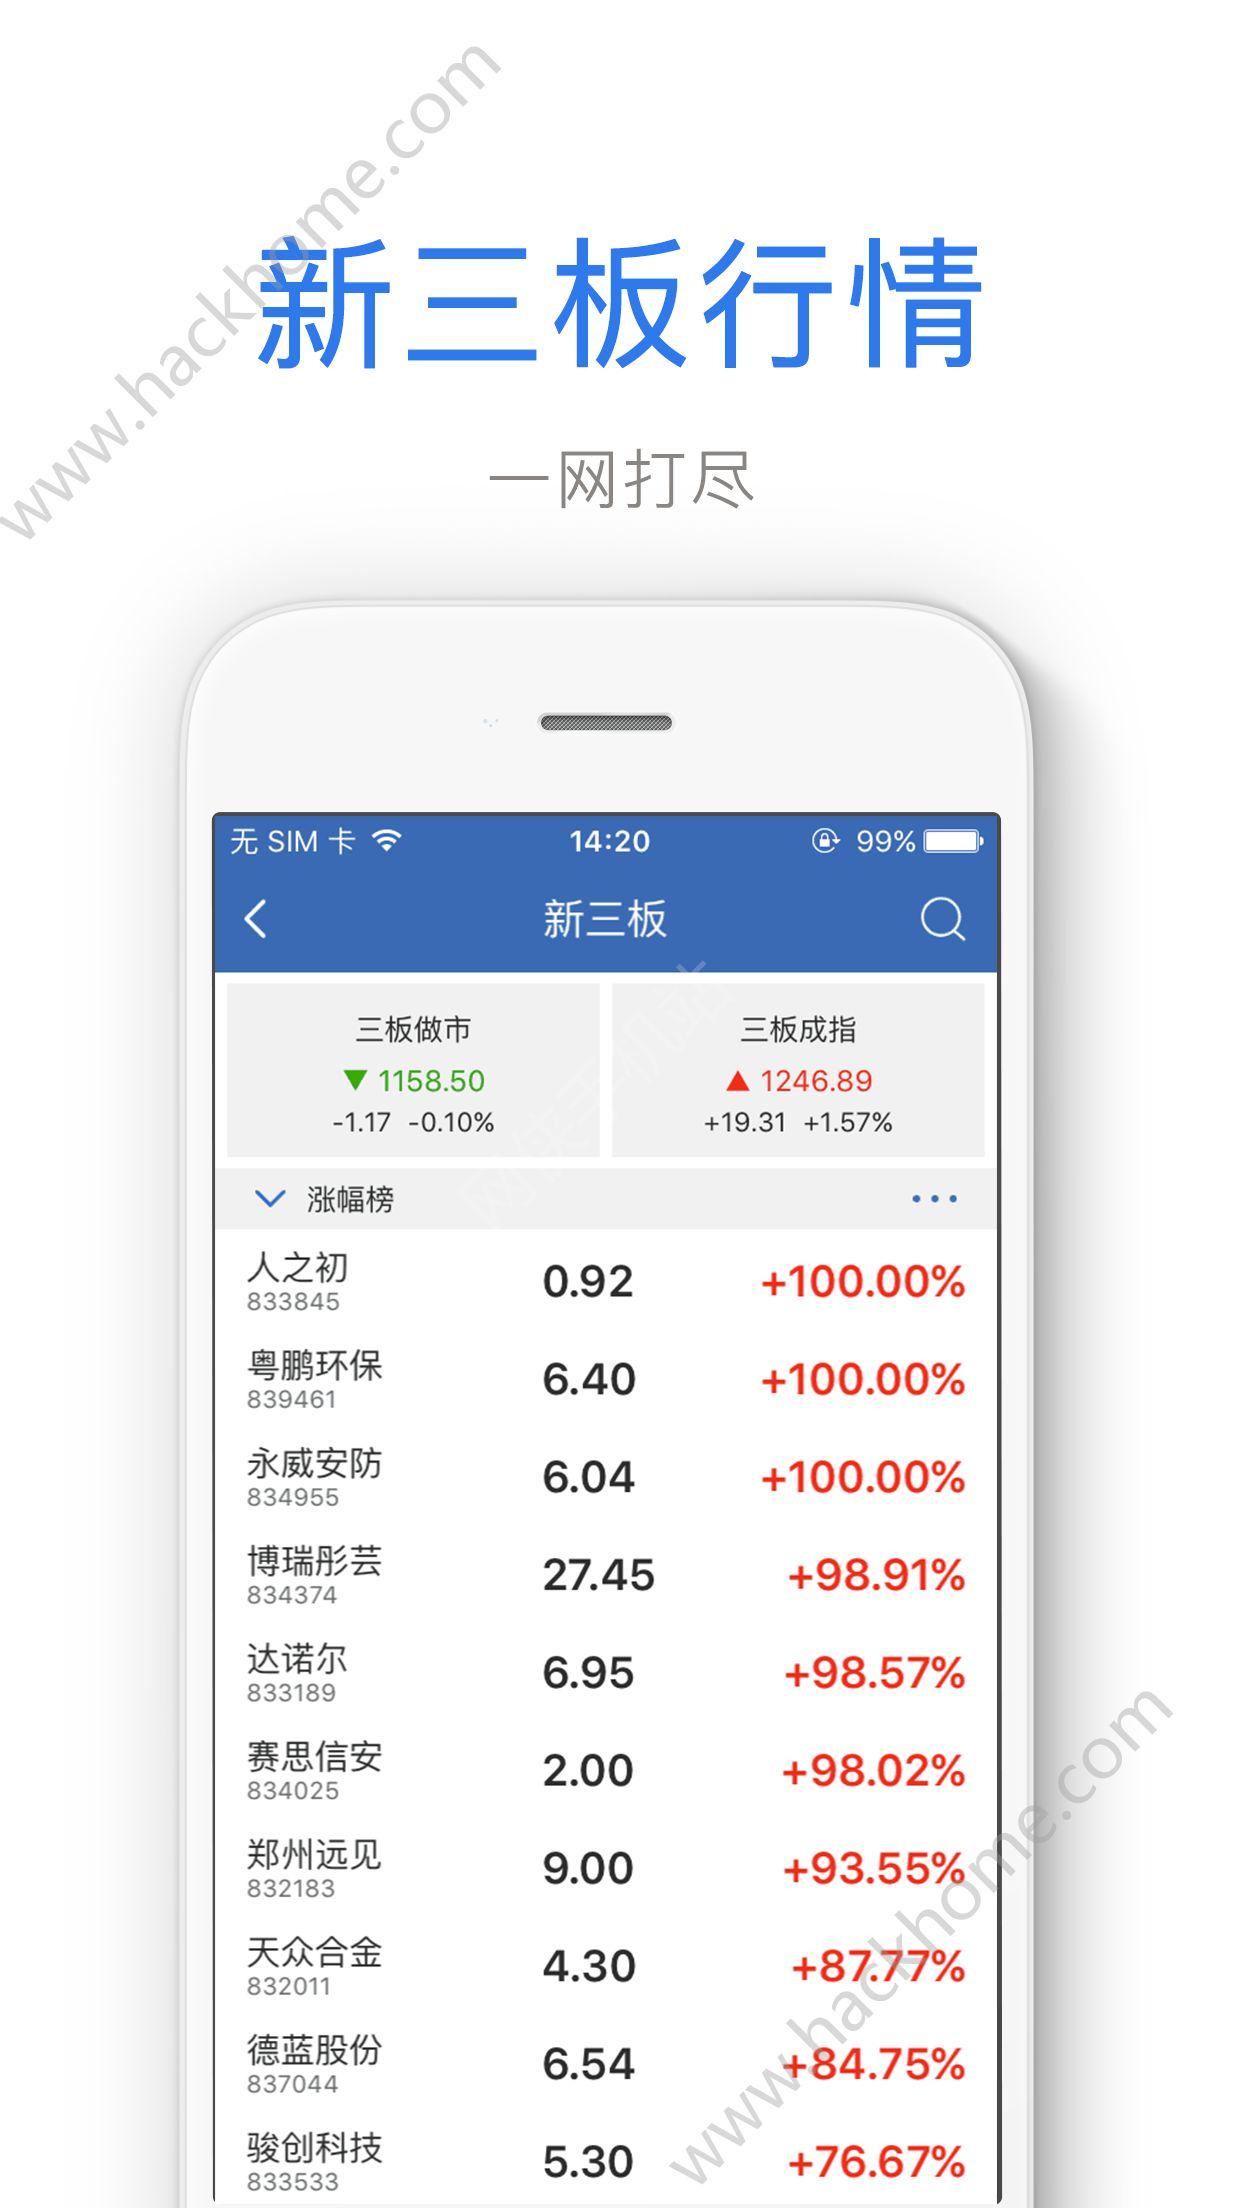 兴业证券优理宝手机版官方下载图1: